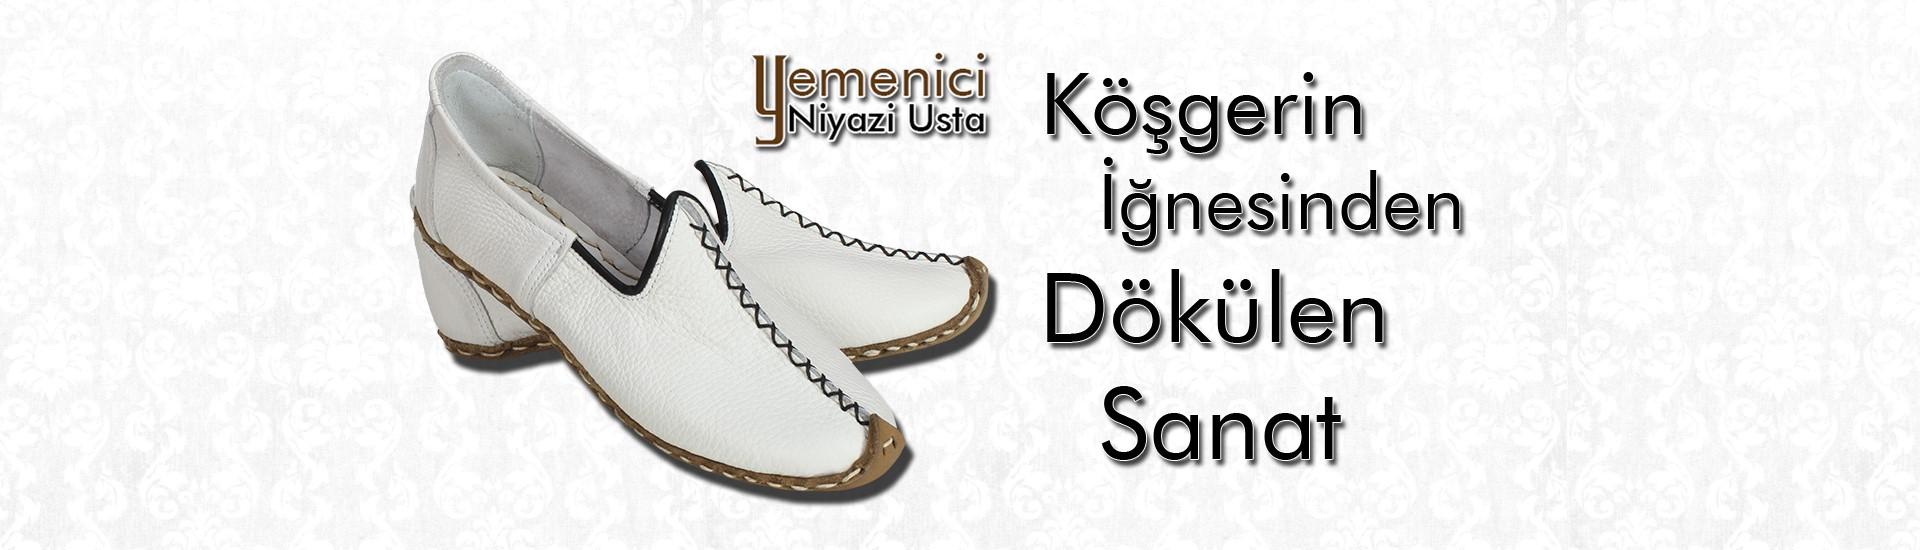 yemenici_niyazi_usta5